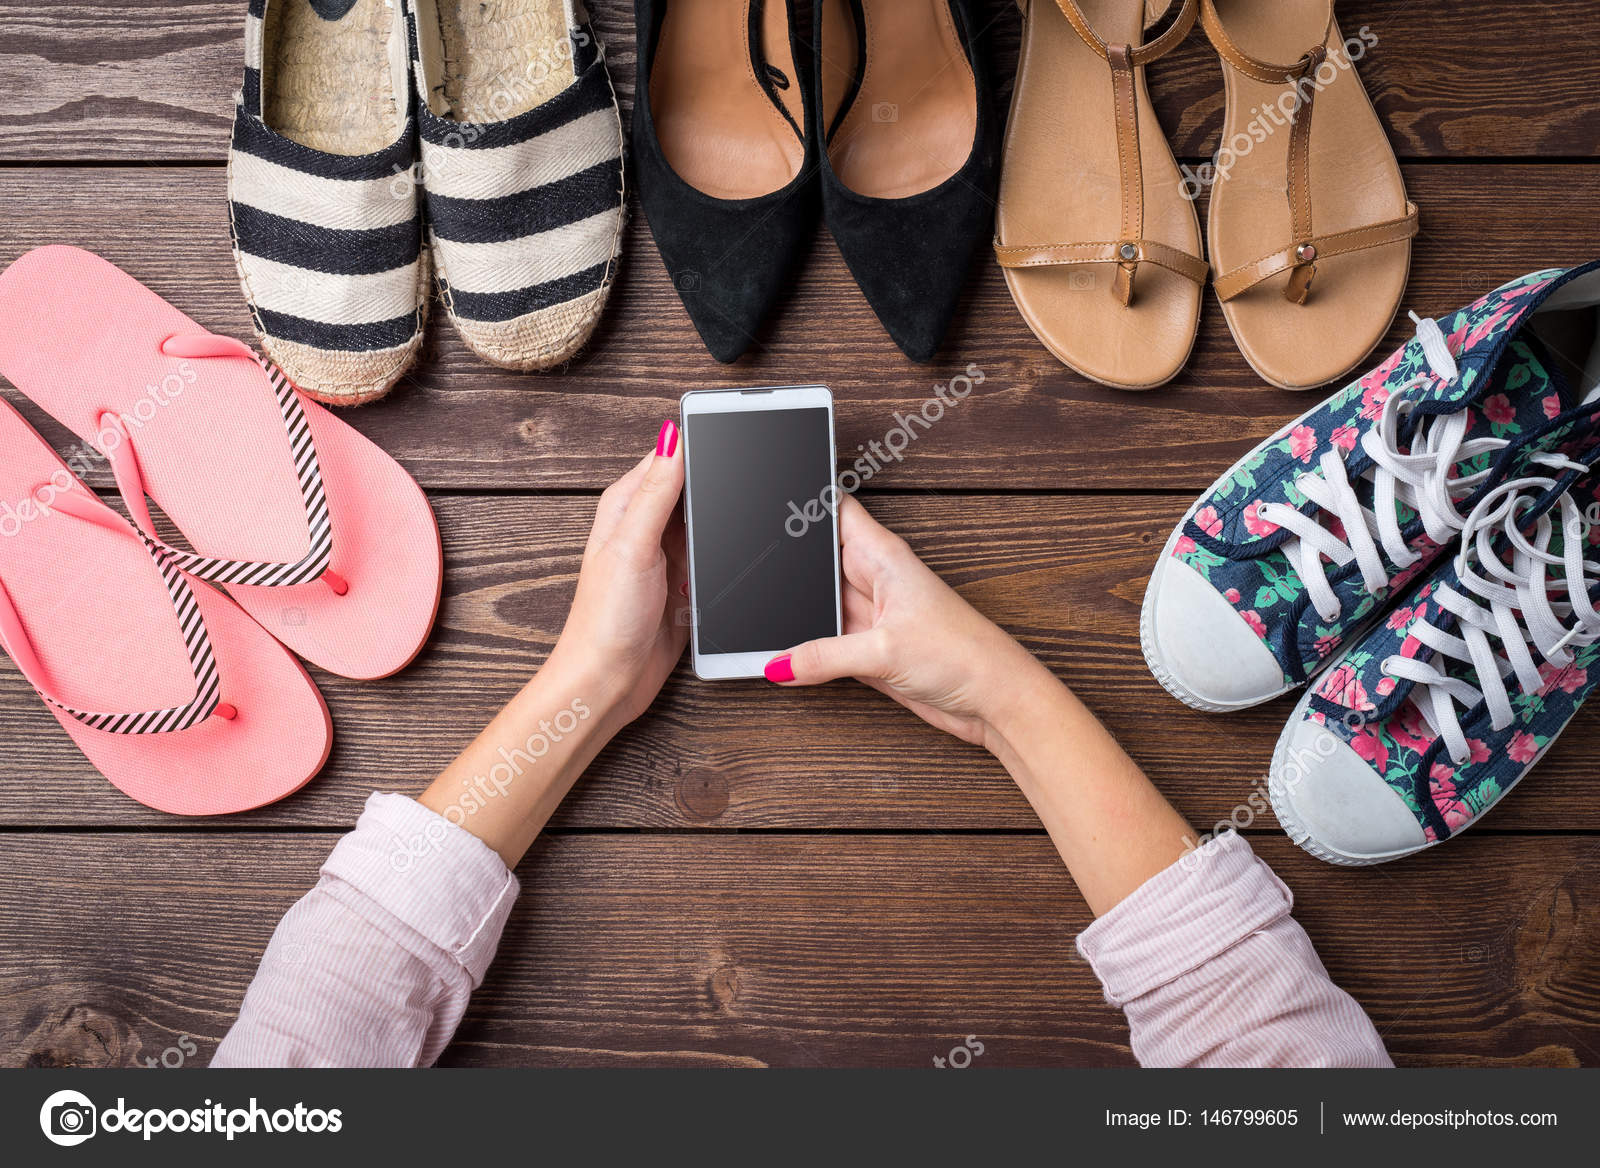 58ef97dd4 Coleção Sapatos Femininos Mesa Madeira Com Mãos Mulher Usando Telefone —  Fotografia de Stock